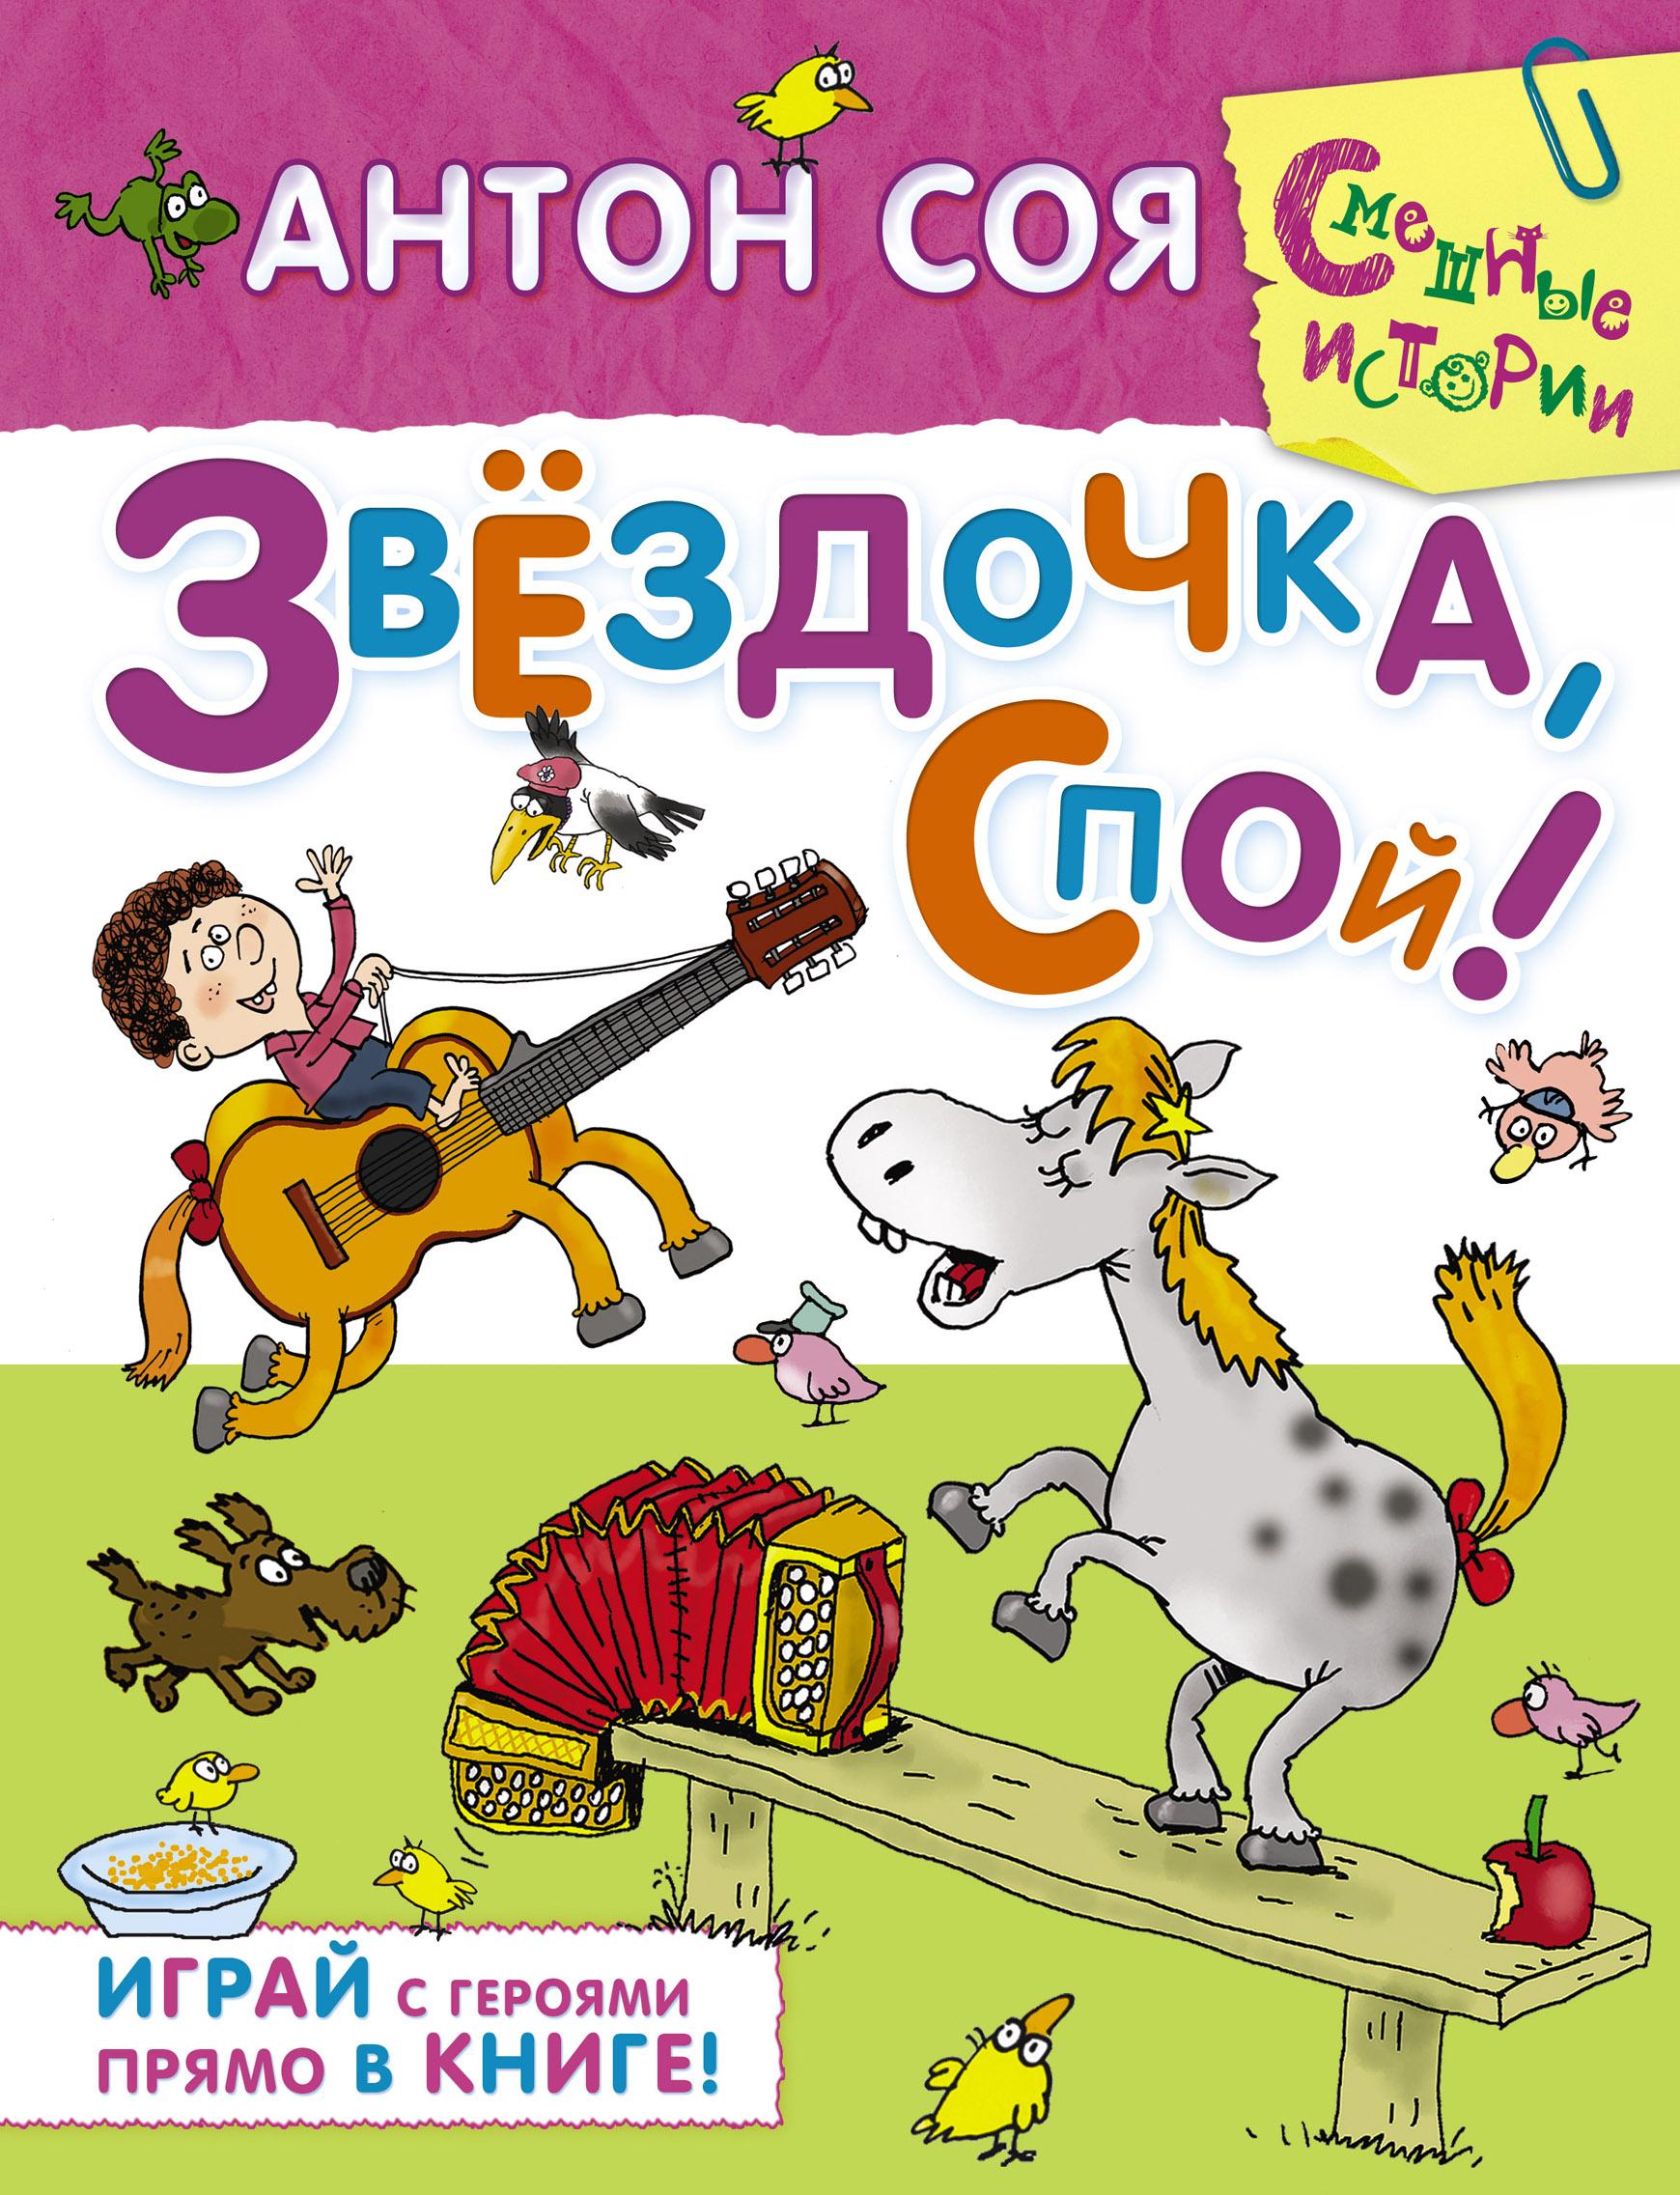 все цены на Антон Соя Звёздочка, спой! онлайн